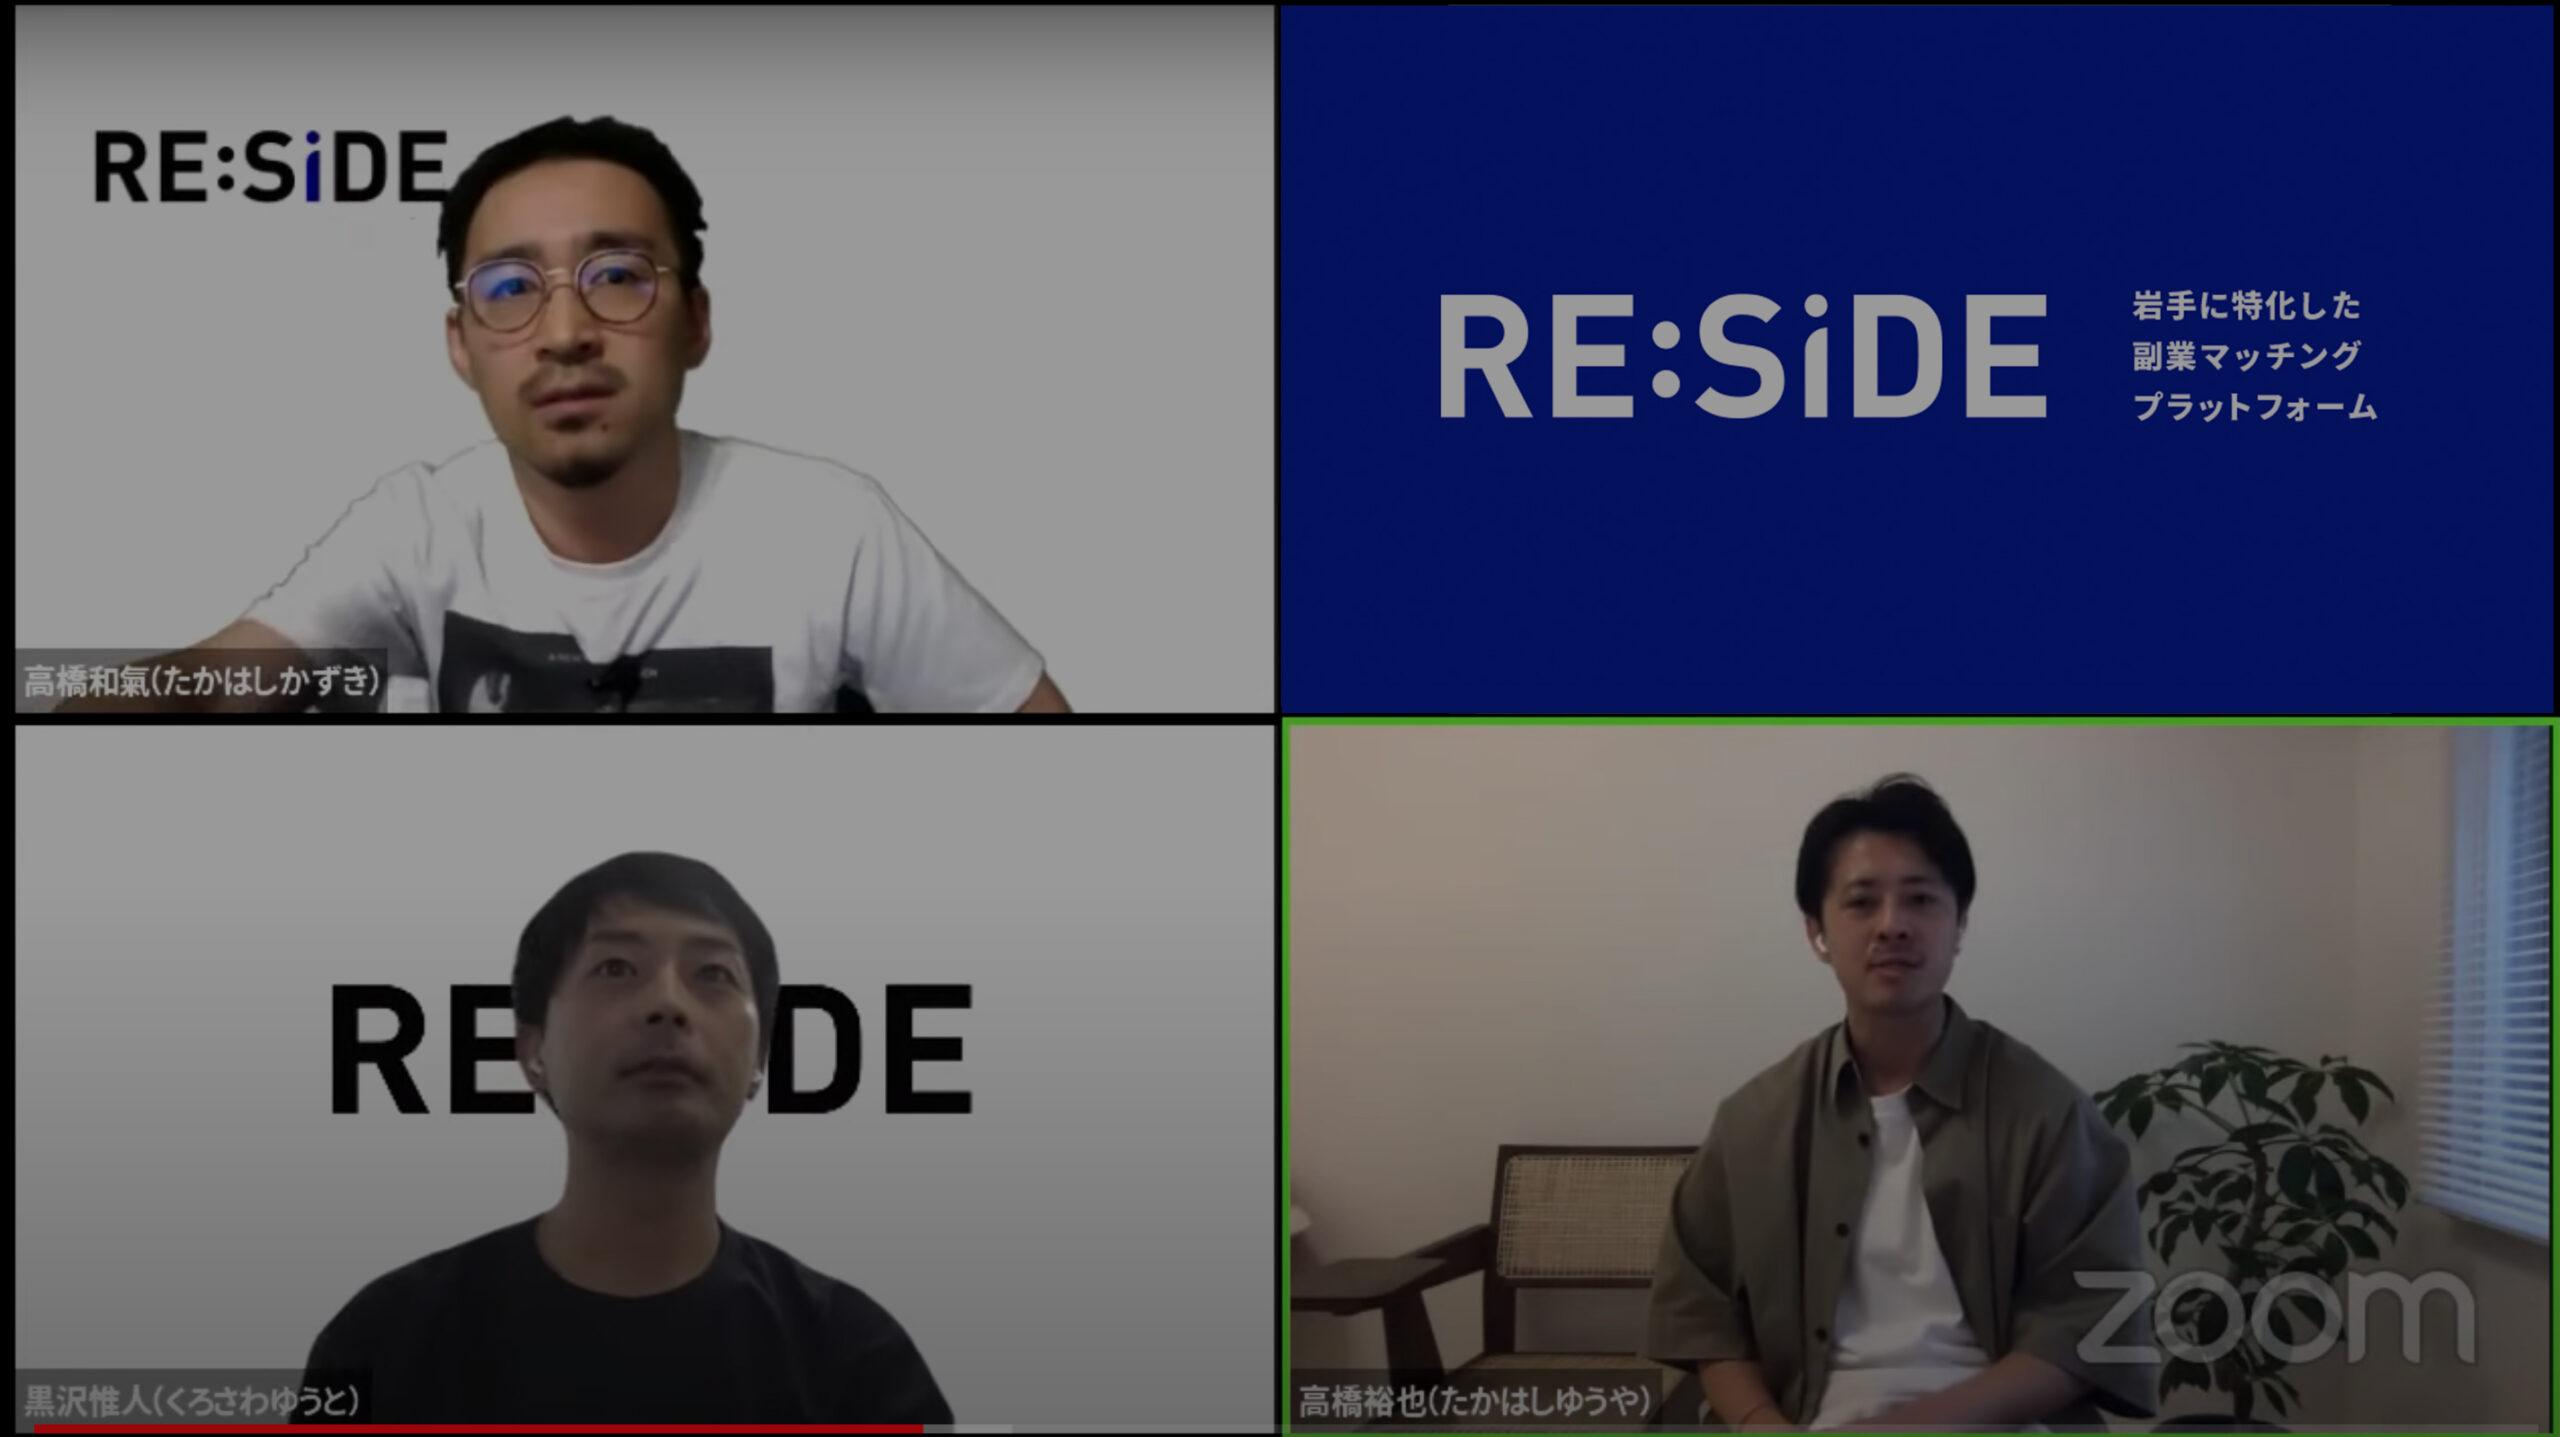 副業マッチングプラットフォーム「RE:SiDE(リザイド )」運営メンバー